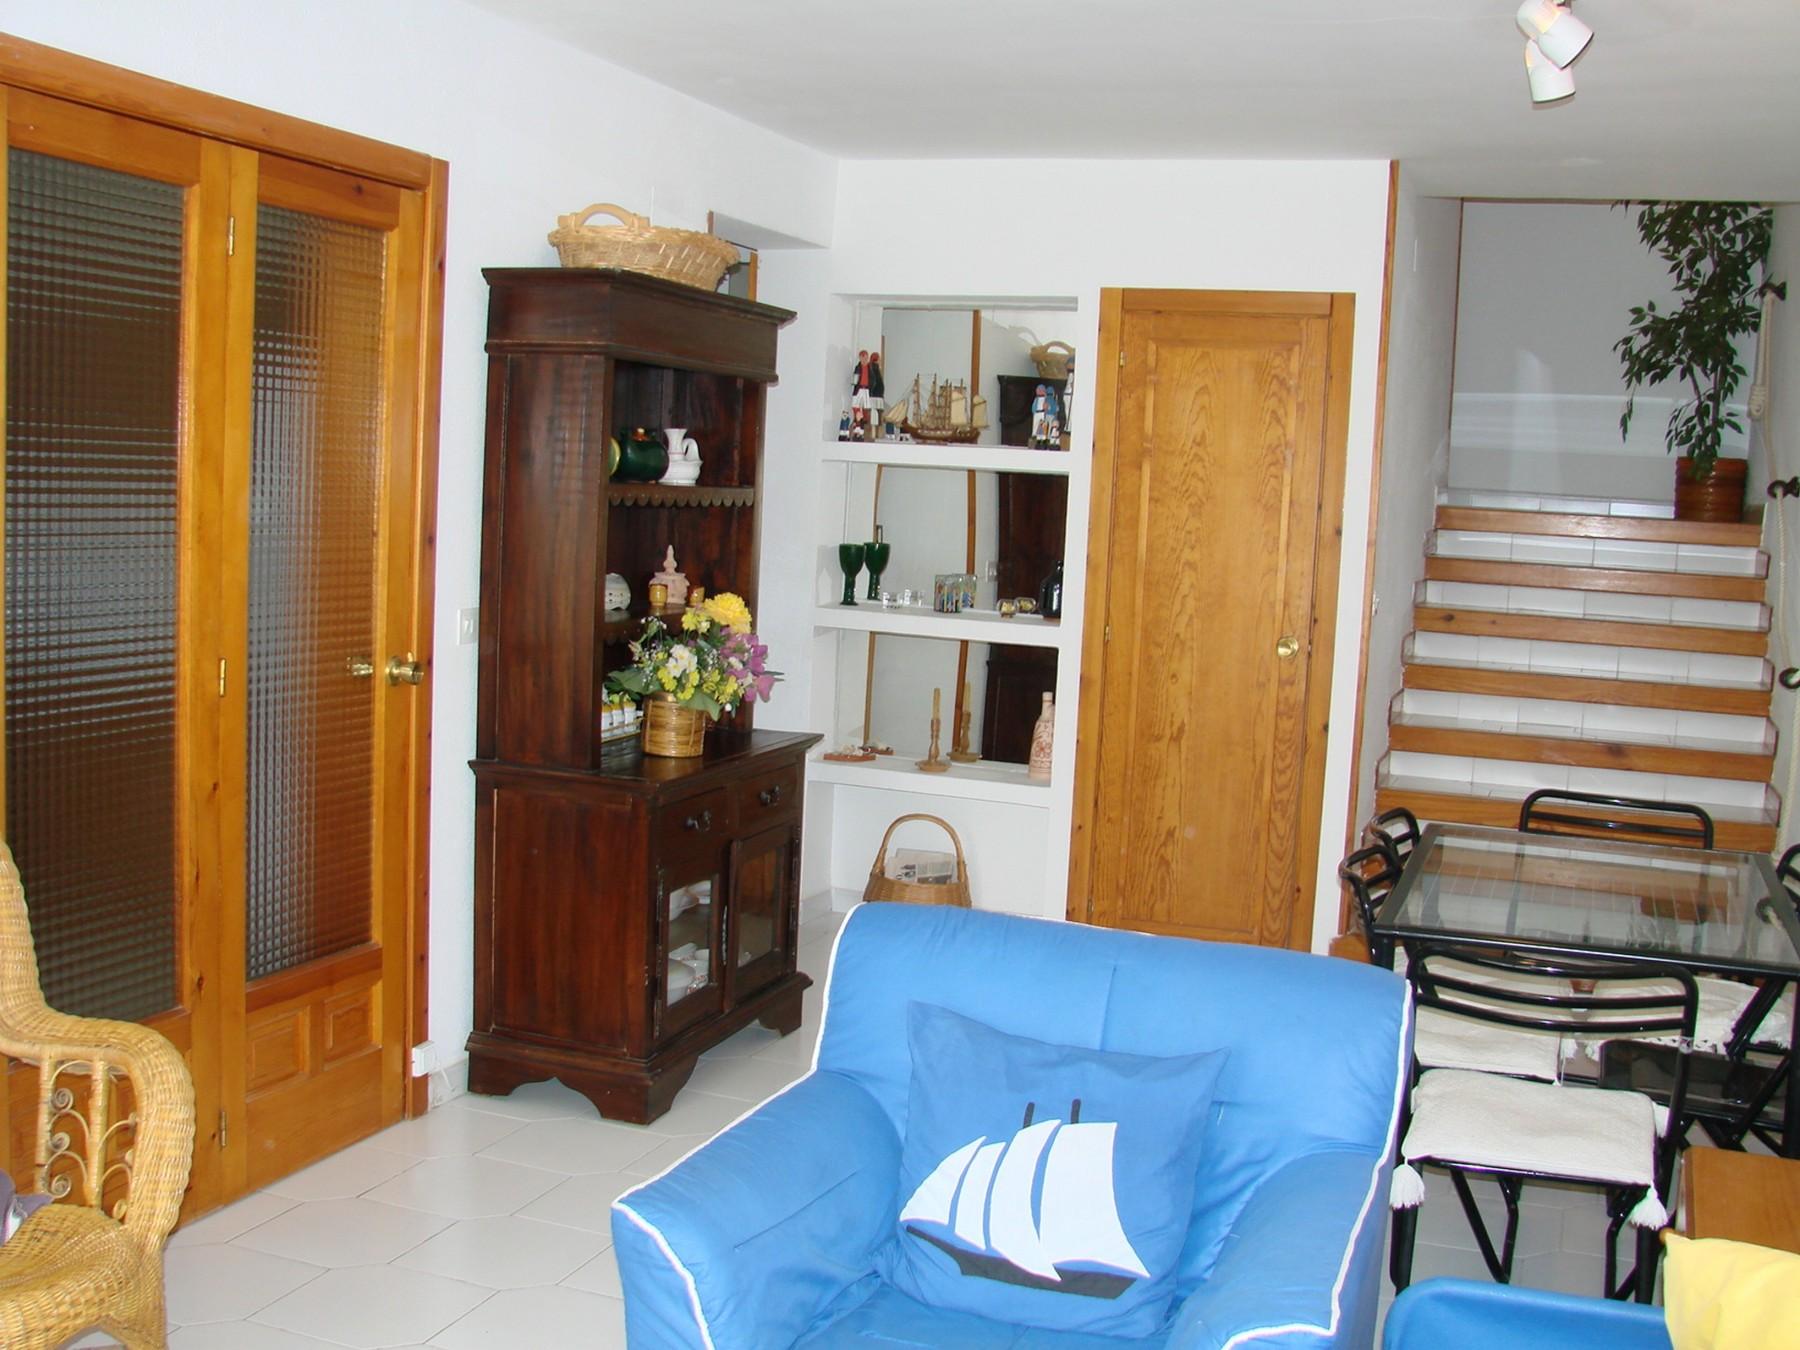 Apartamentos en alcoceber alcossebre poblado marinero n 2 1 - Apartamentos en alcocebre ...